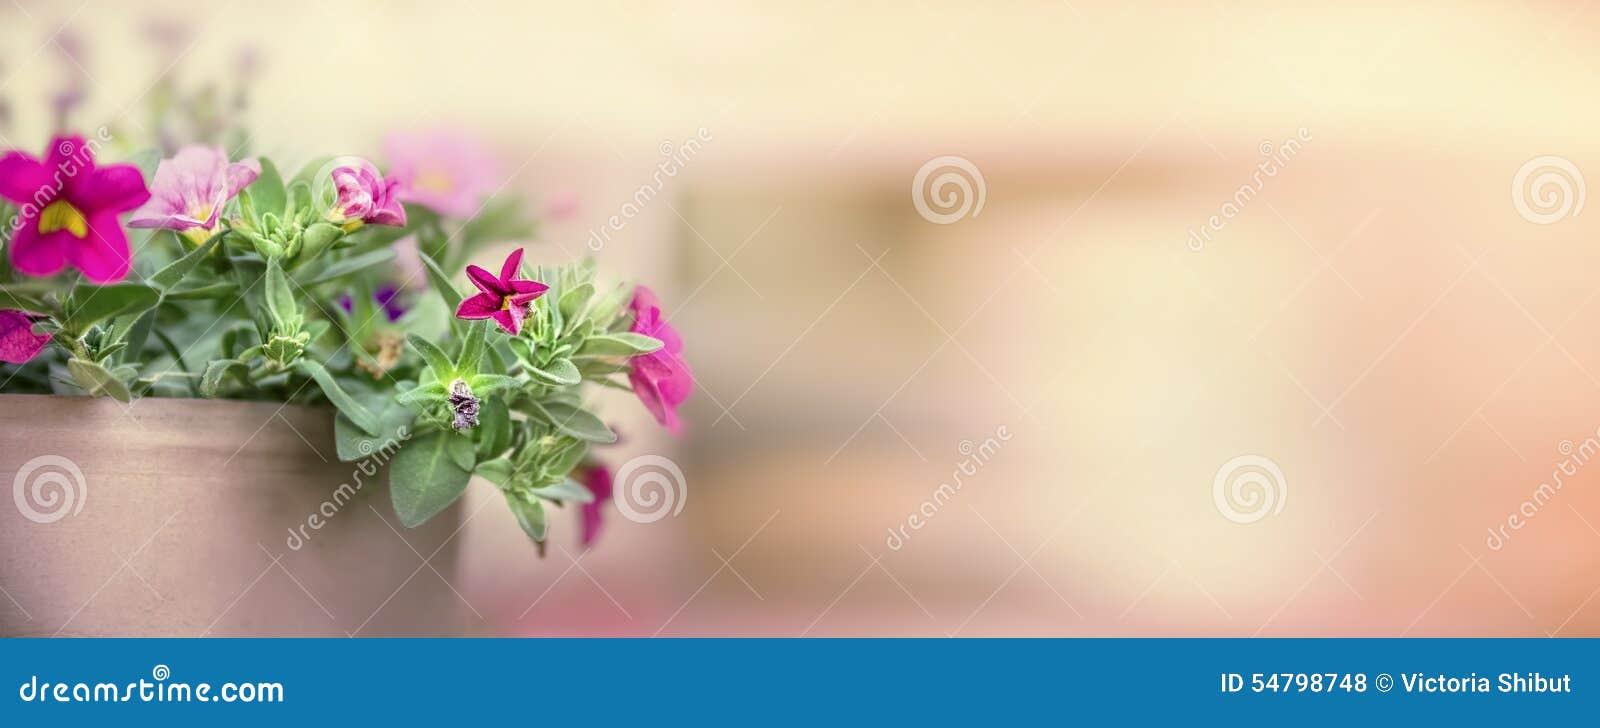 在花盆的俏丽的喇叭花在被弄脏的自然背景,网站的横幅